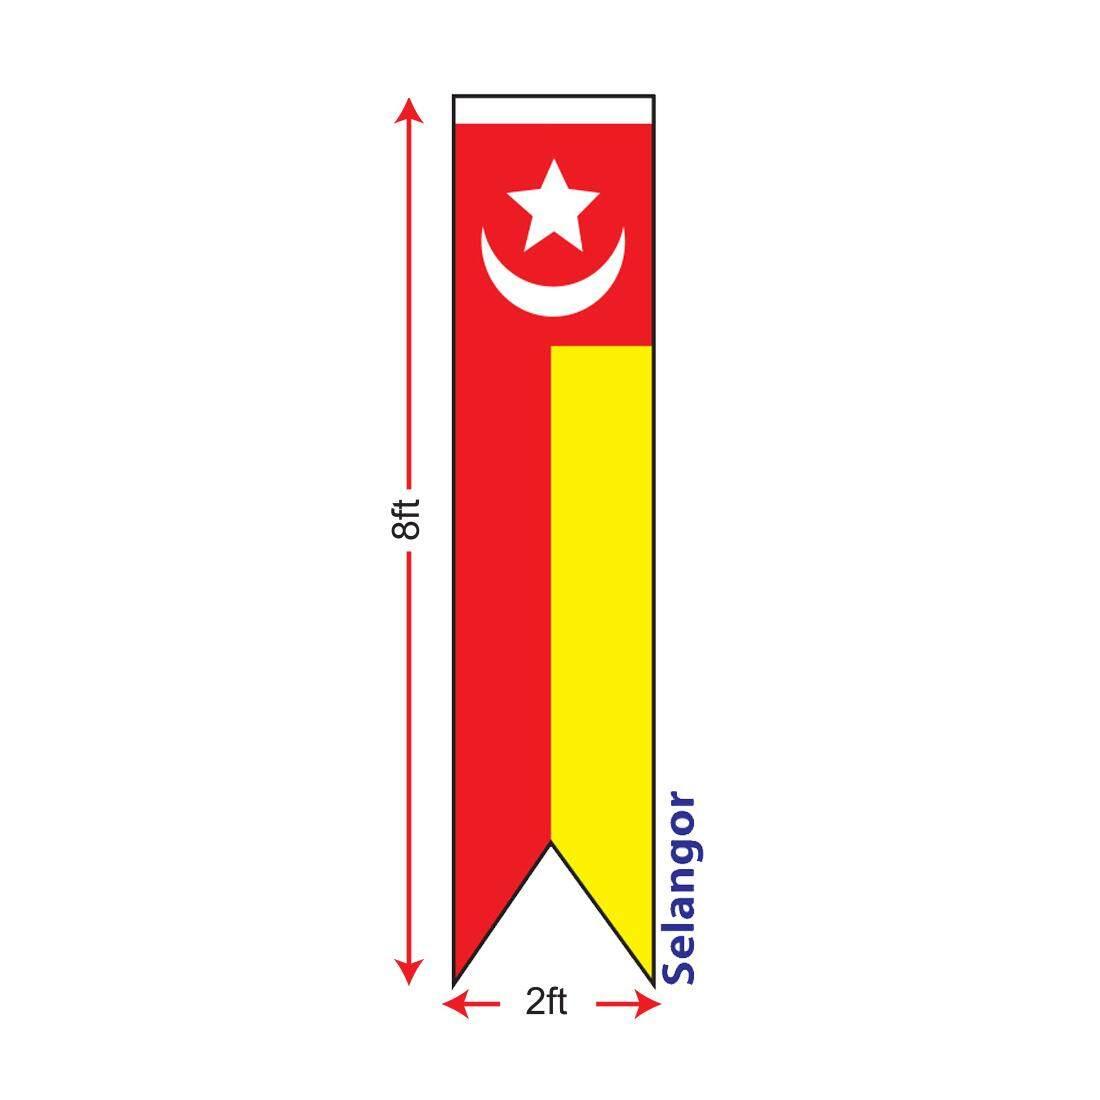 Selangor Flag 2x8ft Banner, Bendera Selangor 2x8ft, Polyester